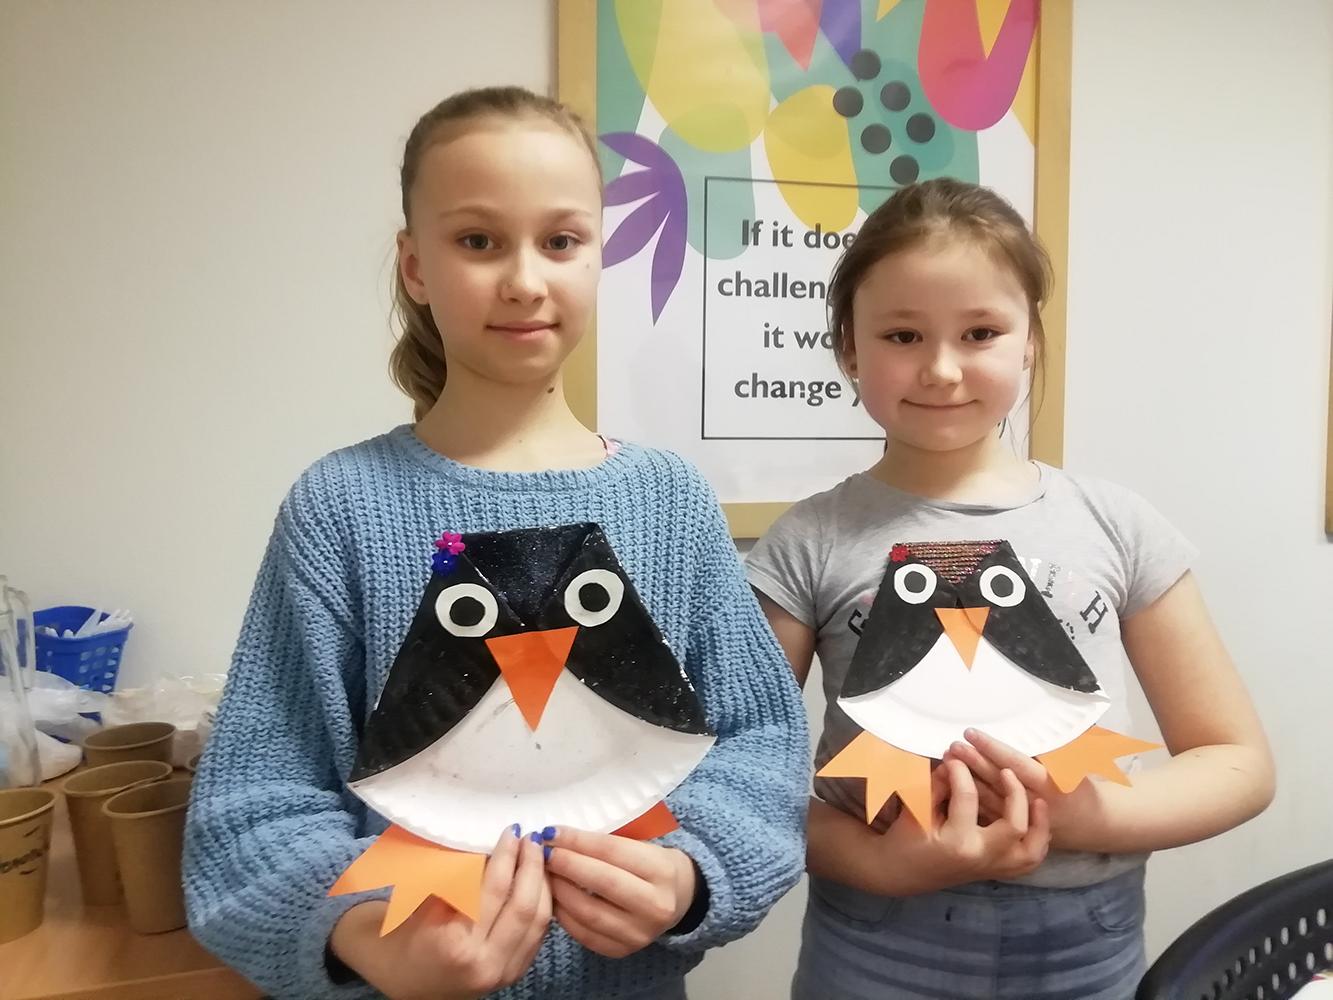 ferie jezykowe polkolonie dla dzieci warszawa archibald kids angielski dla dzieci